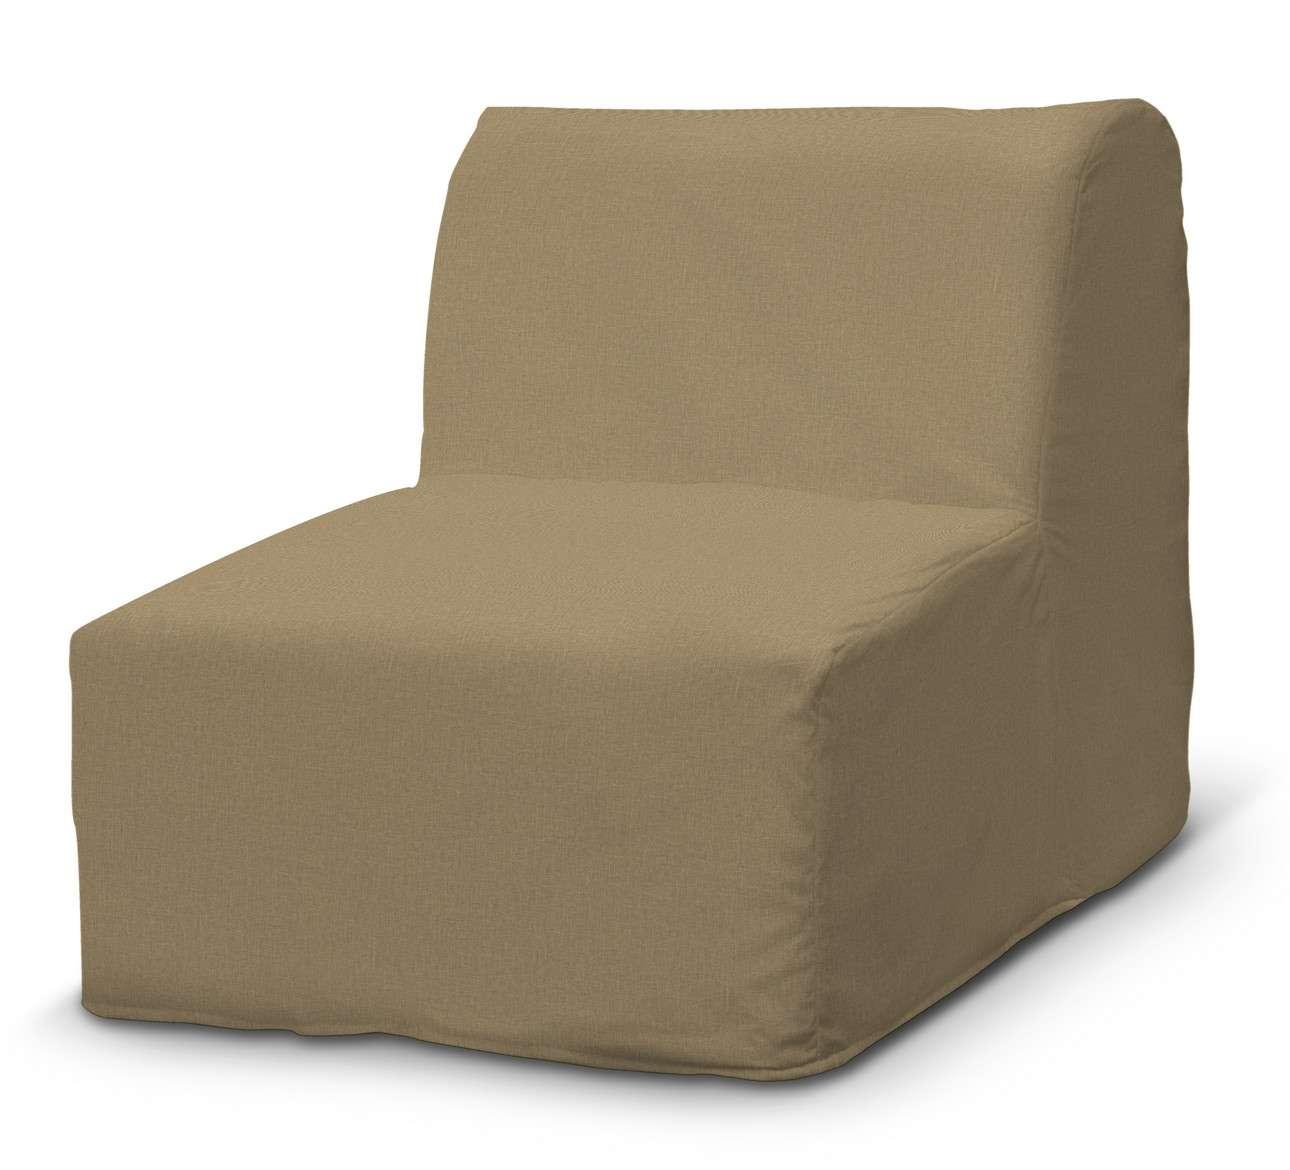 Bezug für Lycksele Sessel von der Kollektion Living, Stoff: 161-50